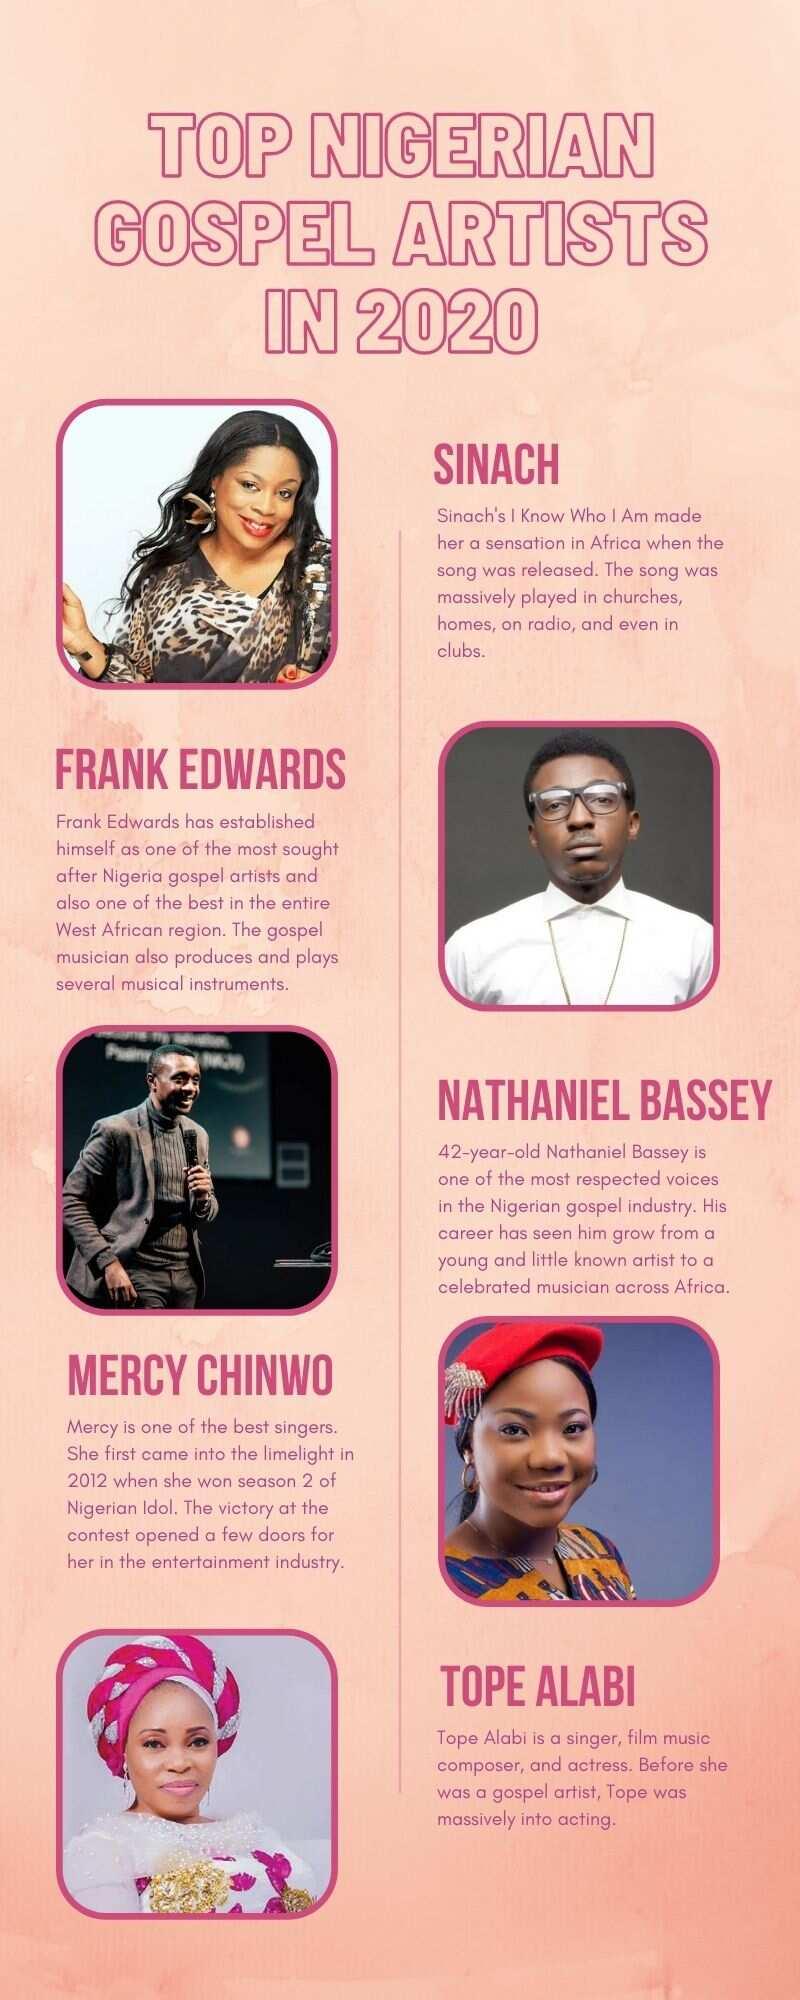 Nigerian gospel artists